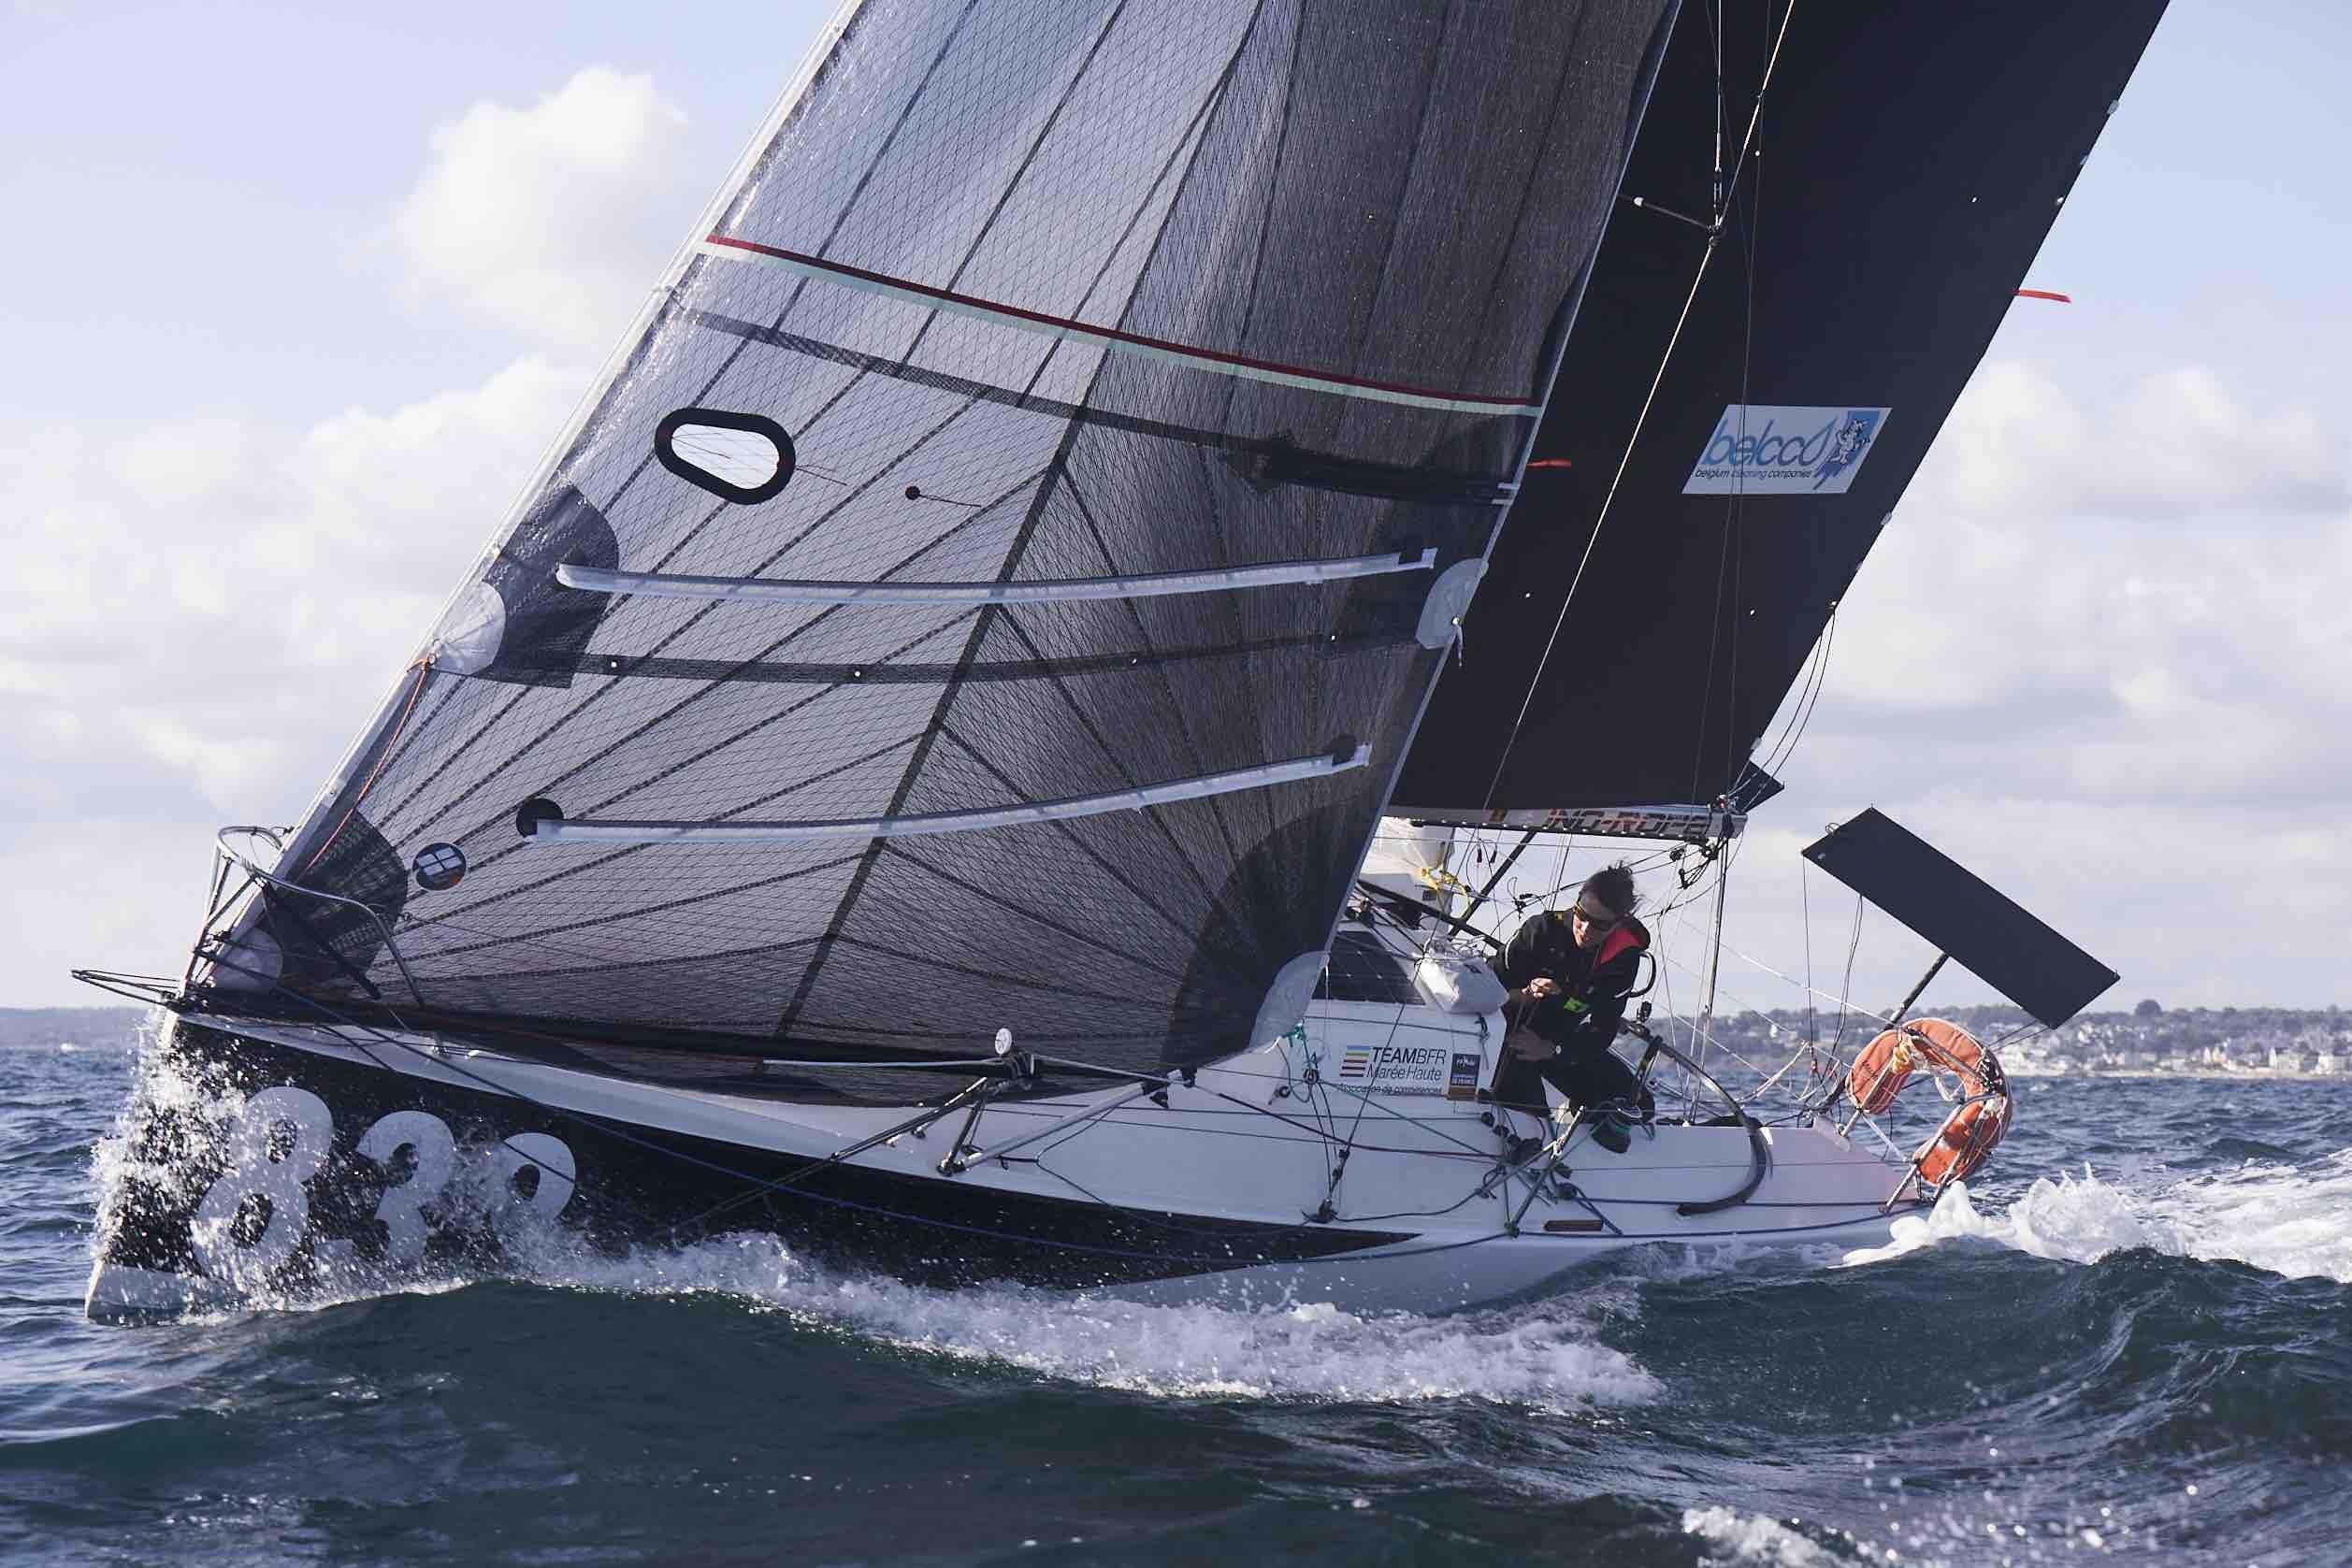 is_vendee-globe_lenaerts-bateau_photo-anne-beauge.jpg